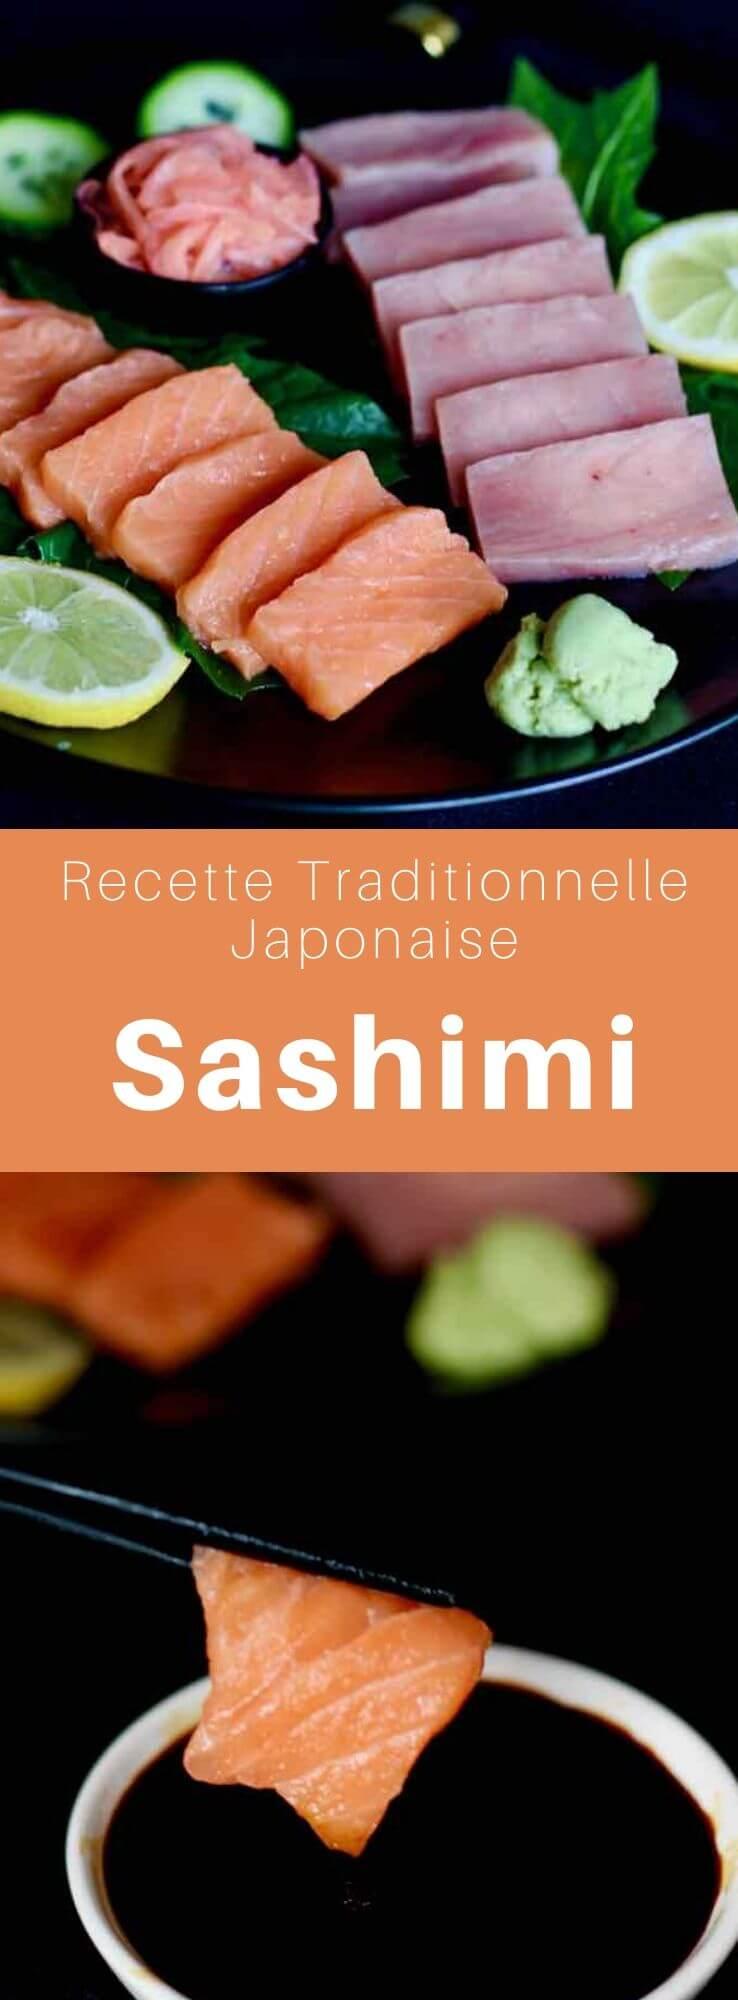 Le sashimi (刺身) ou shashimi est un mets traditionnel de la gastronomie japonaise, composé de tranches de poisson ou crustacés frais consommées crues. #Japon #CuisineJaponaise #RecetteJaponaise #CuisineDuMonde #196flavors